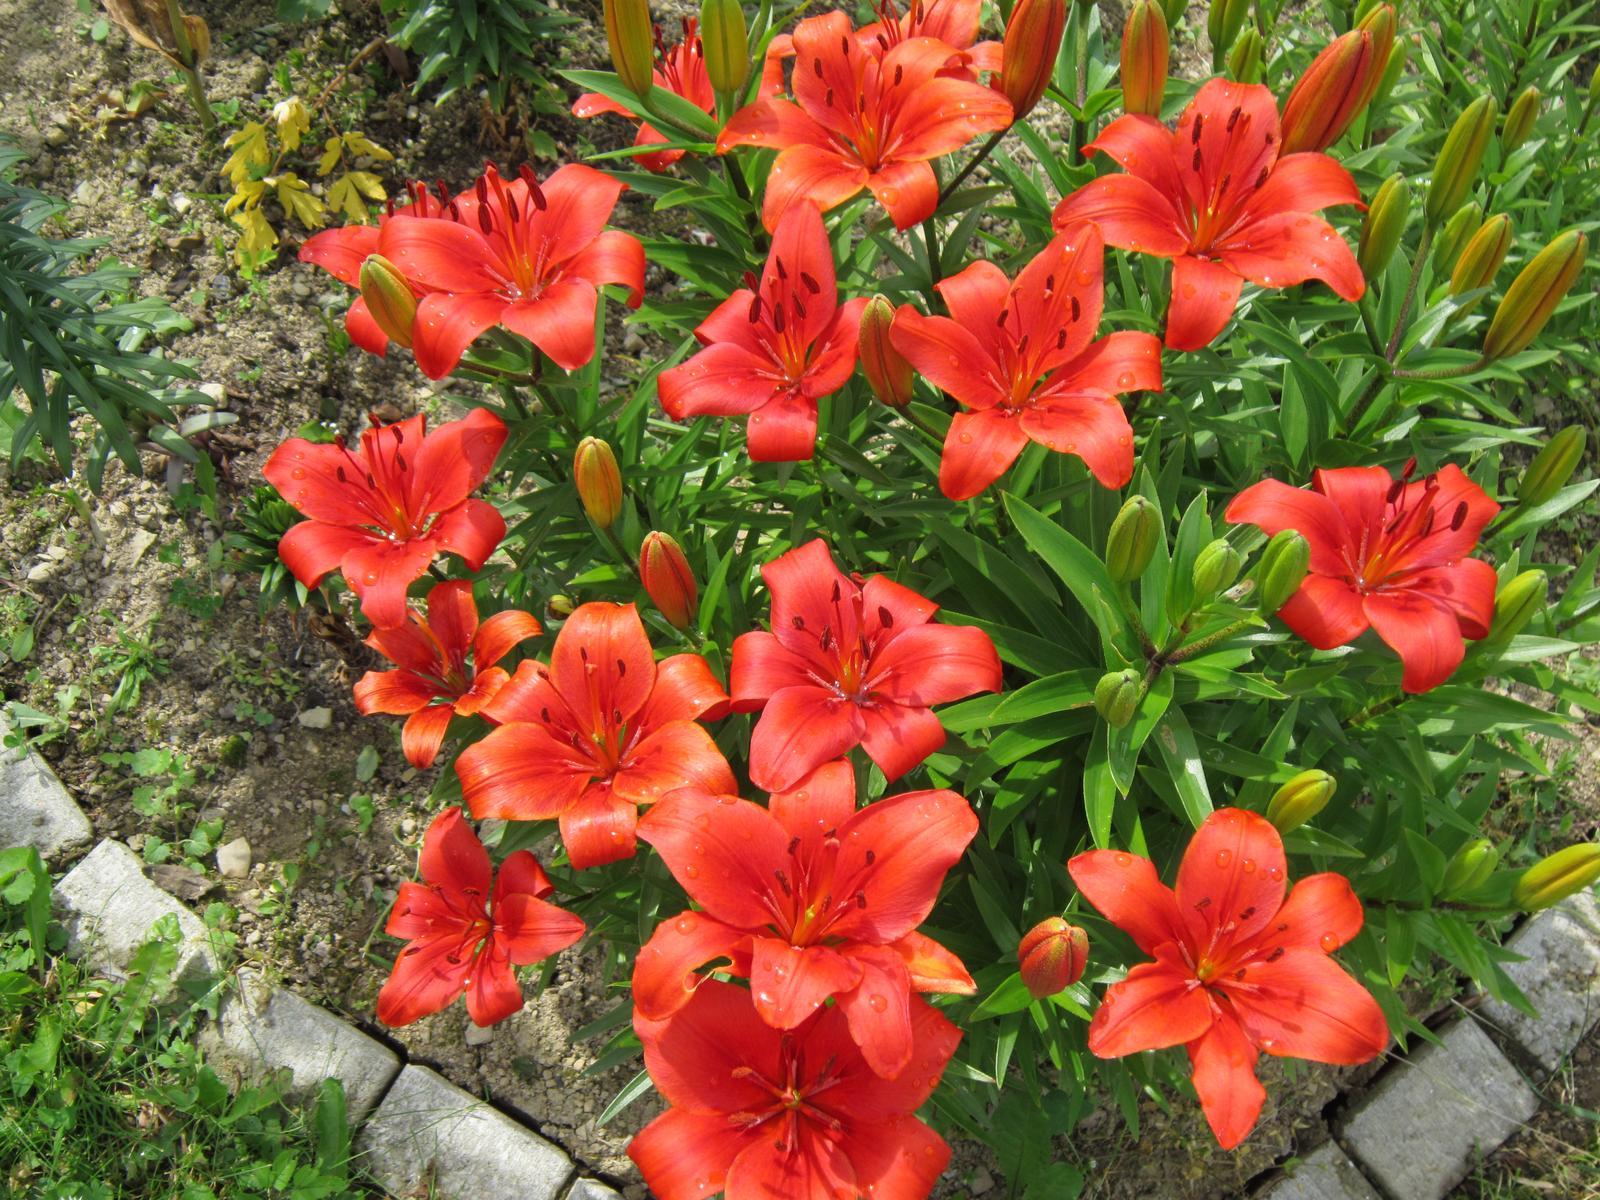 Pozvanie do našej jarnej záhrady - Ľalie terasové